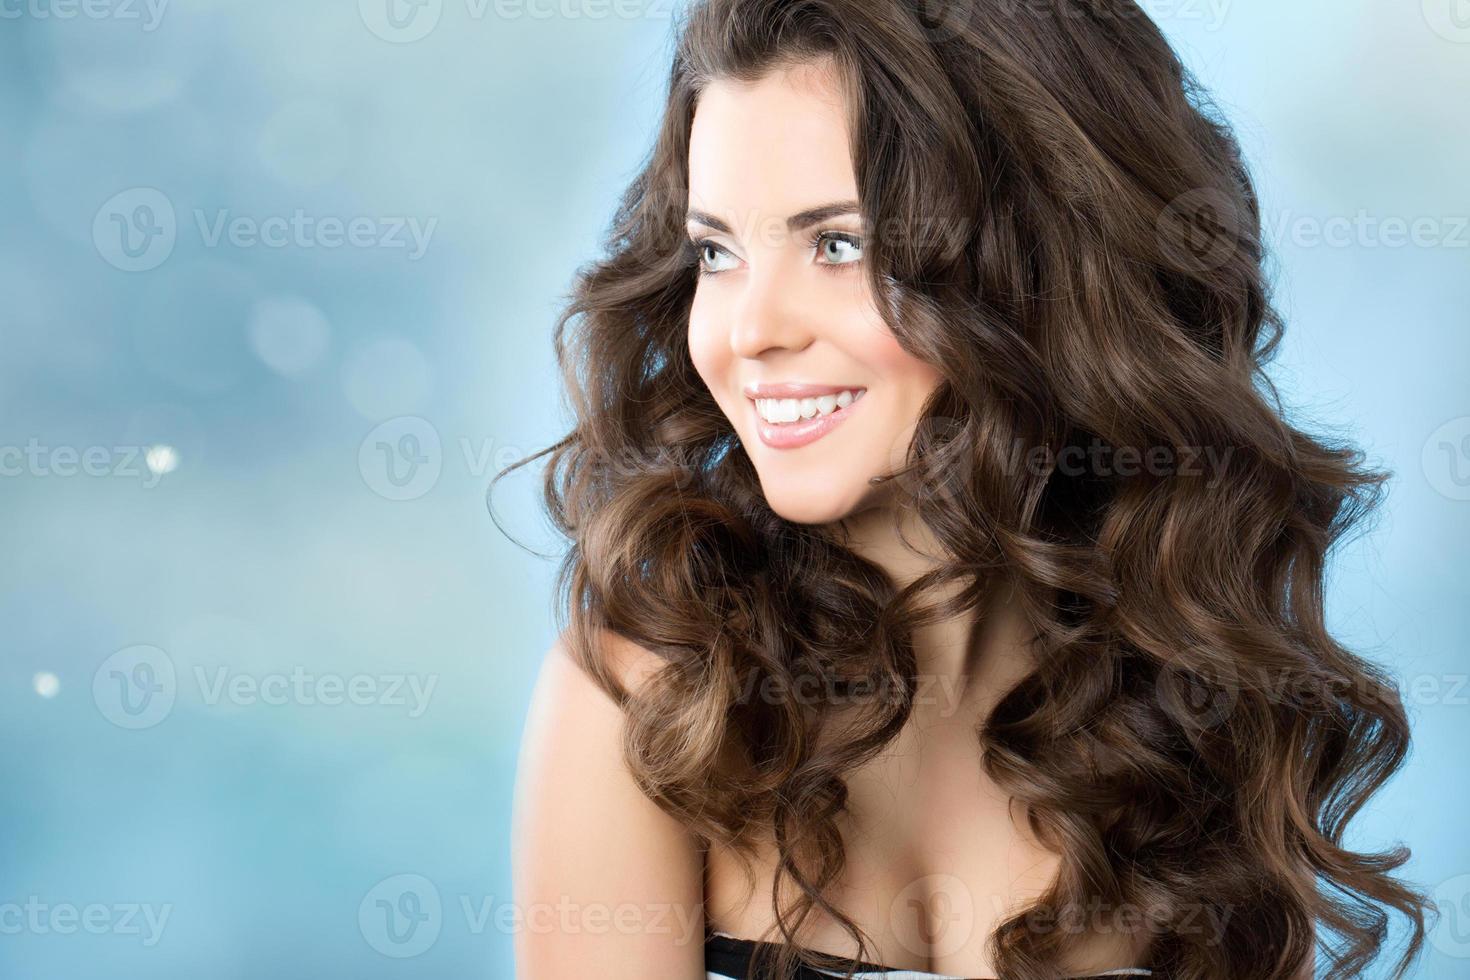 lachende vrouw met lang haar op een blauwe achtergrond. foto